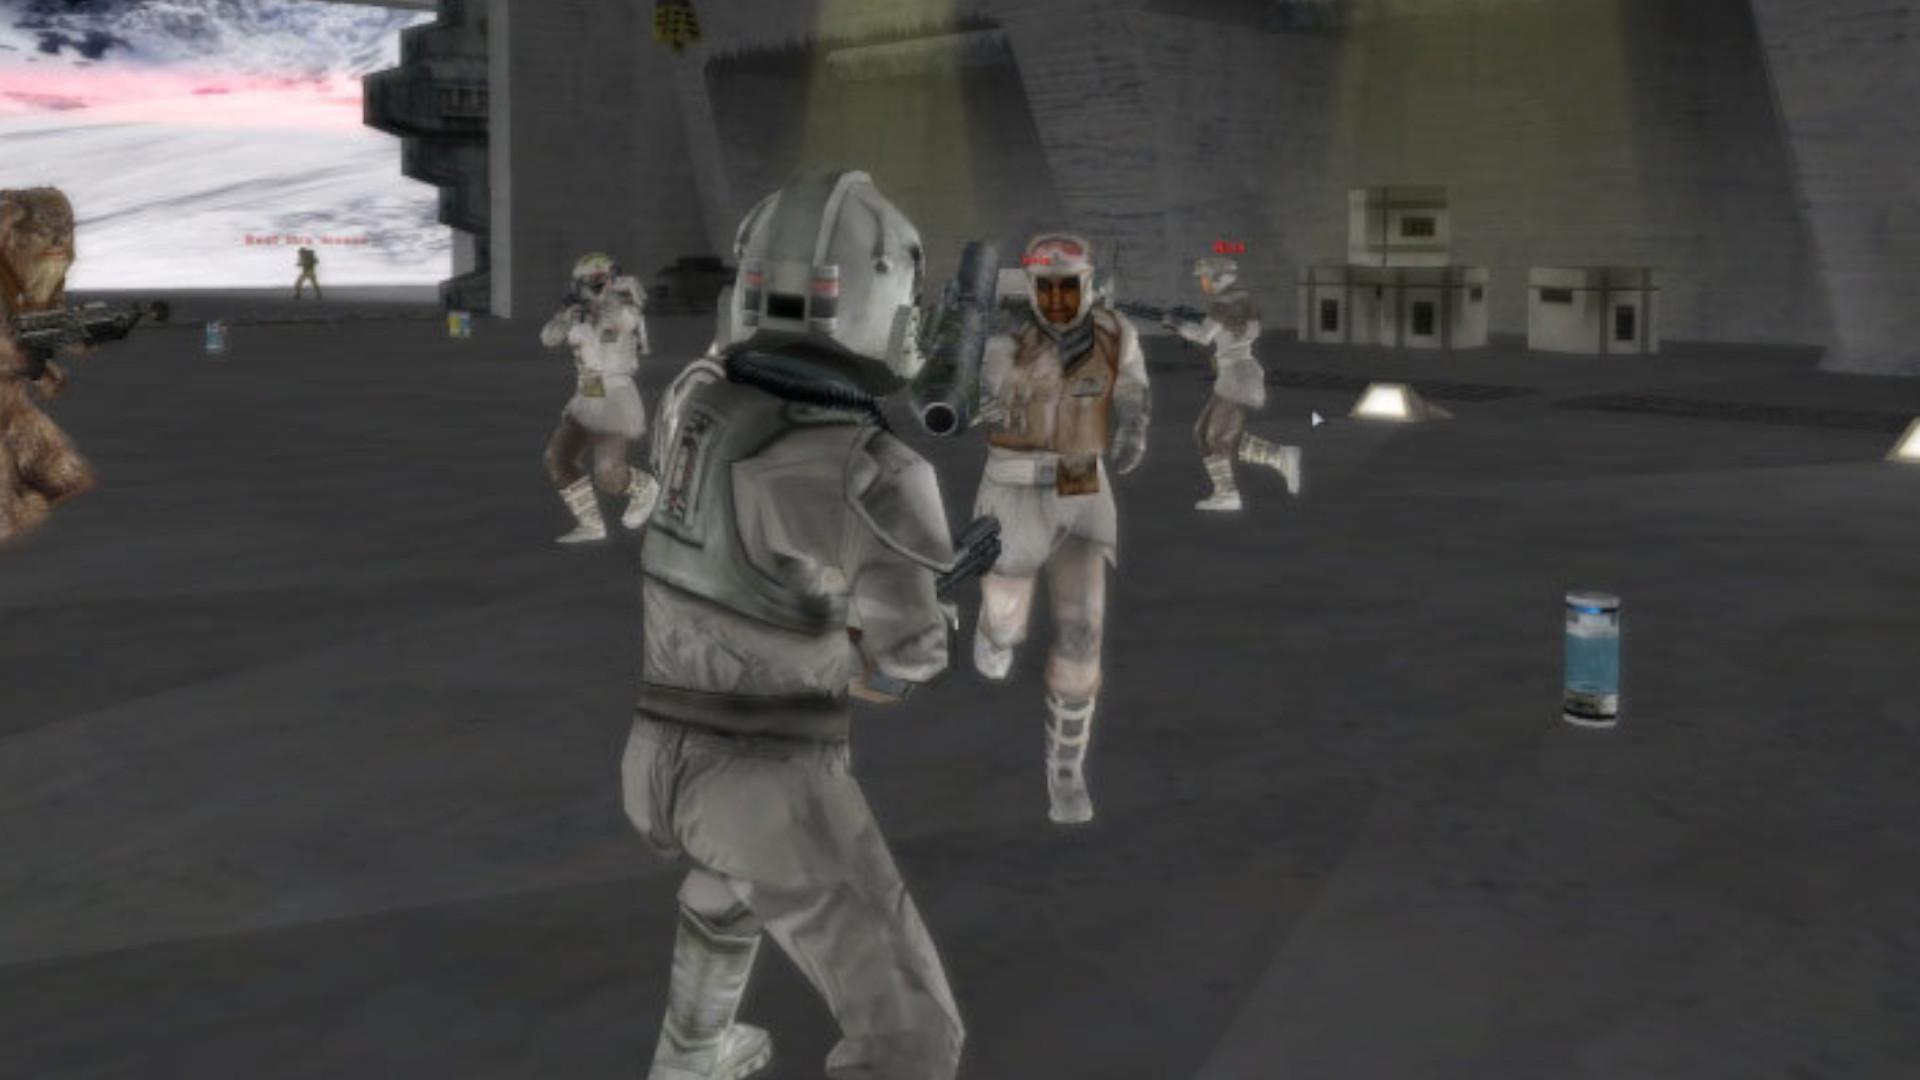 Star Wars Battlefront 2 (das Original) bekommt einen neuen Patch und die Spieler...